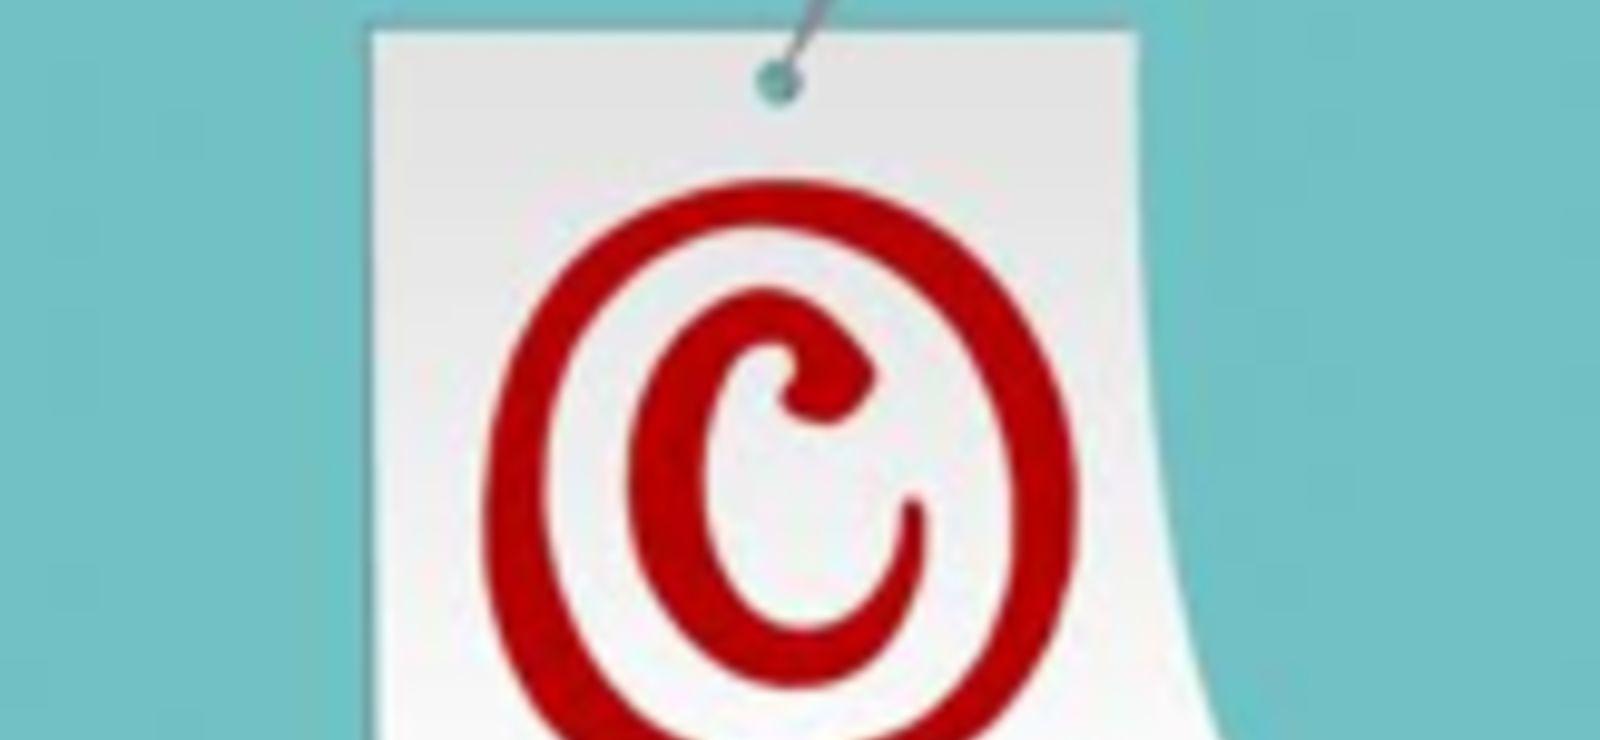 Révision de la directive droit d'auteur: la France freine